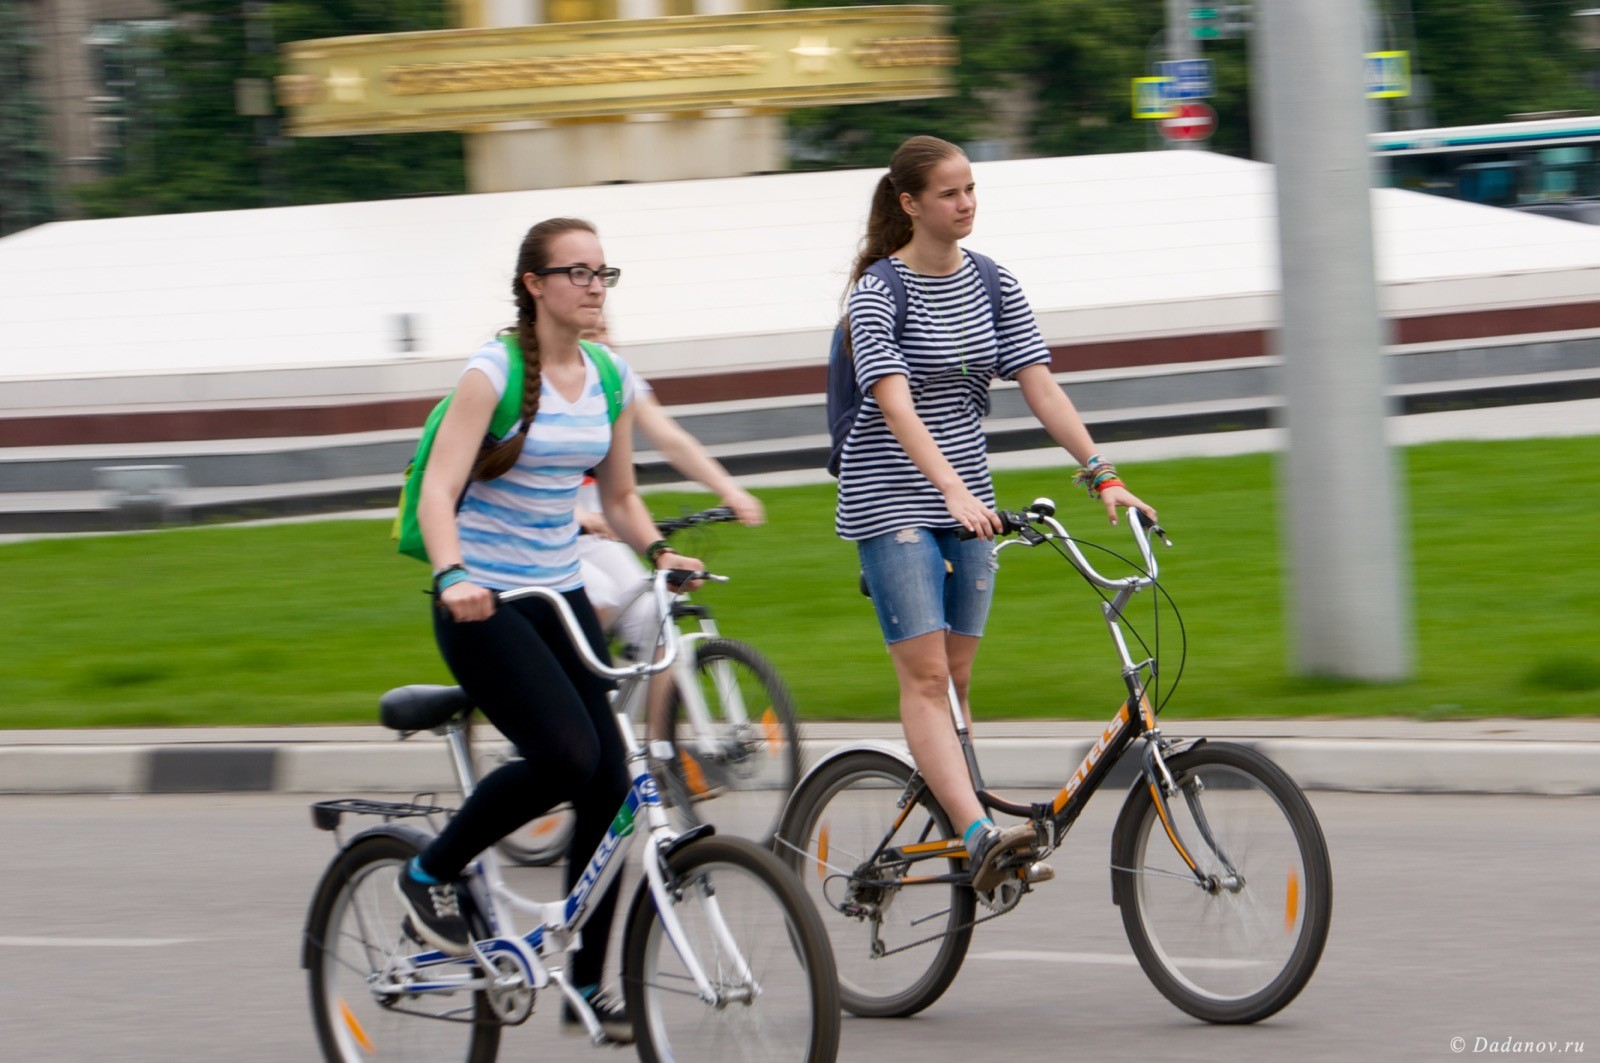 Велодень 2016 в Липецке состоялся. Фотографии с мероприятия 3019